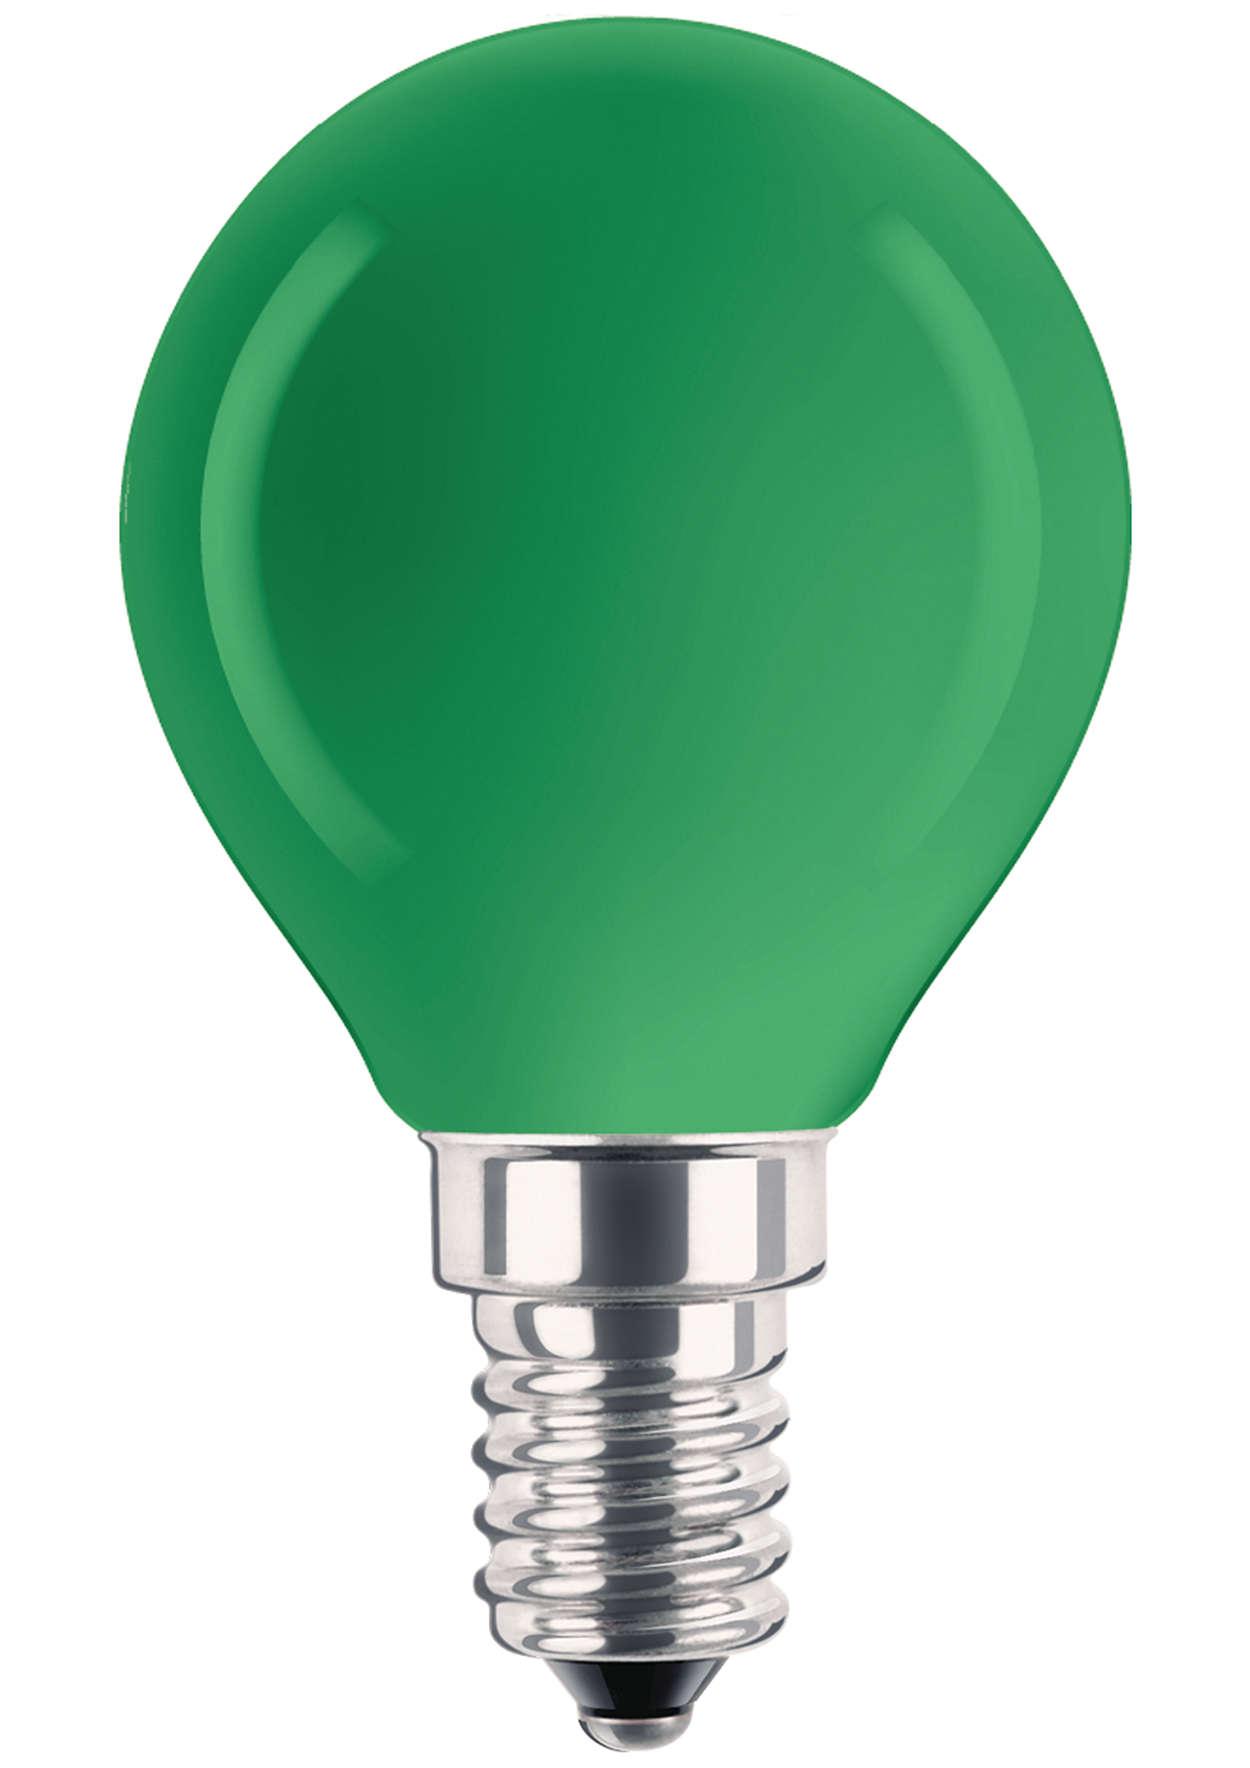 Lâmpada reflectora revestida em várias cores